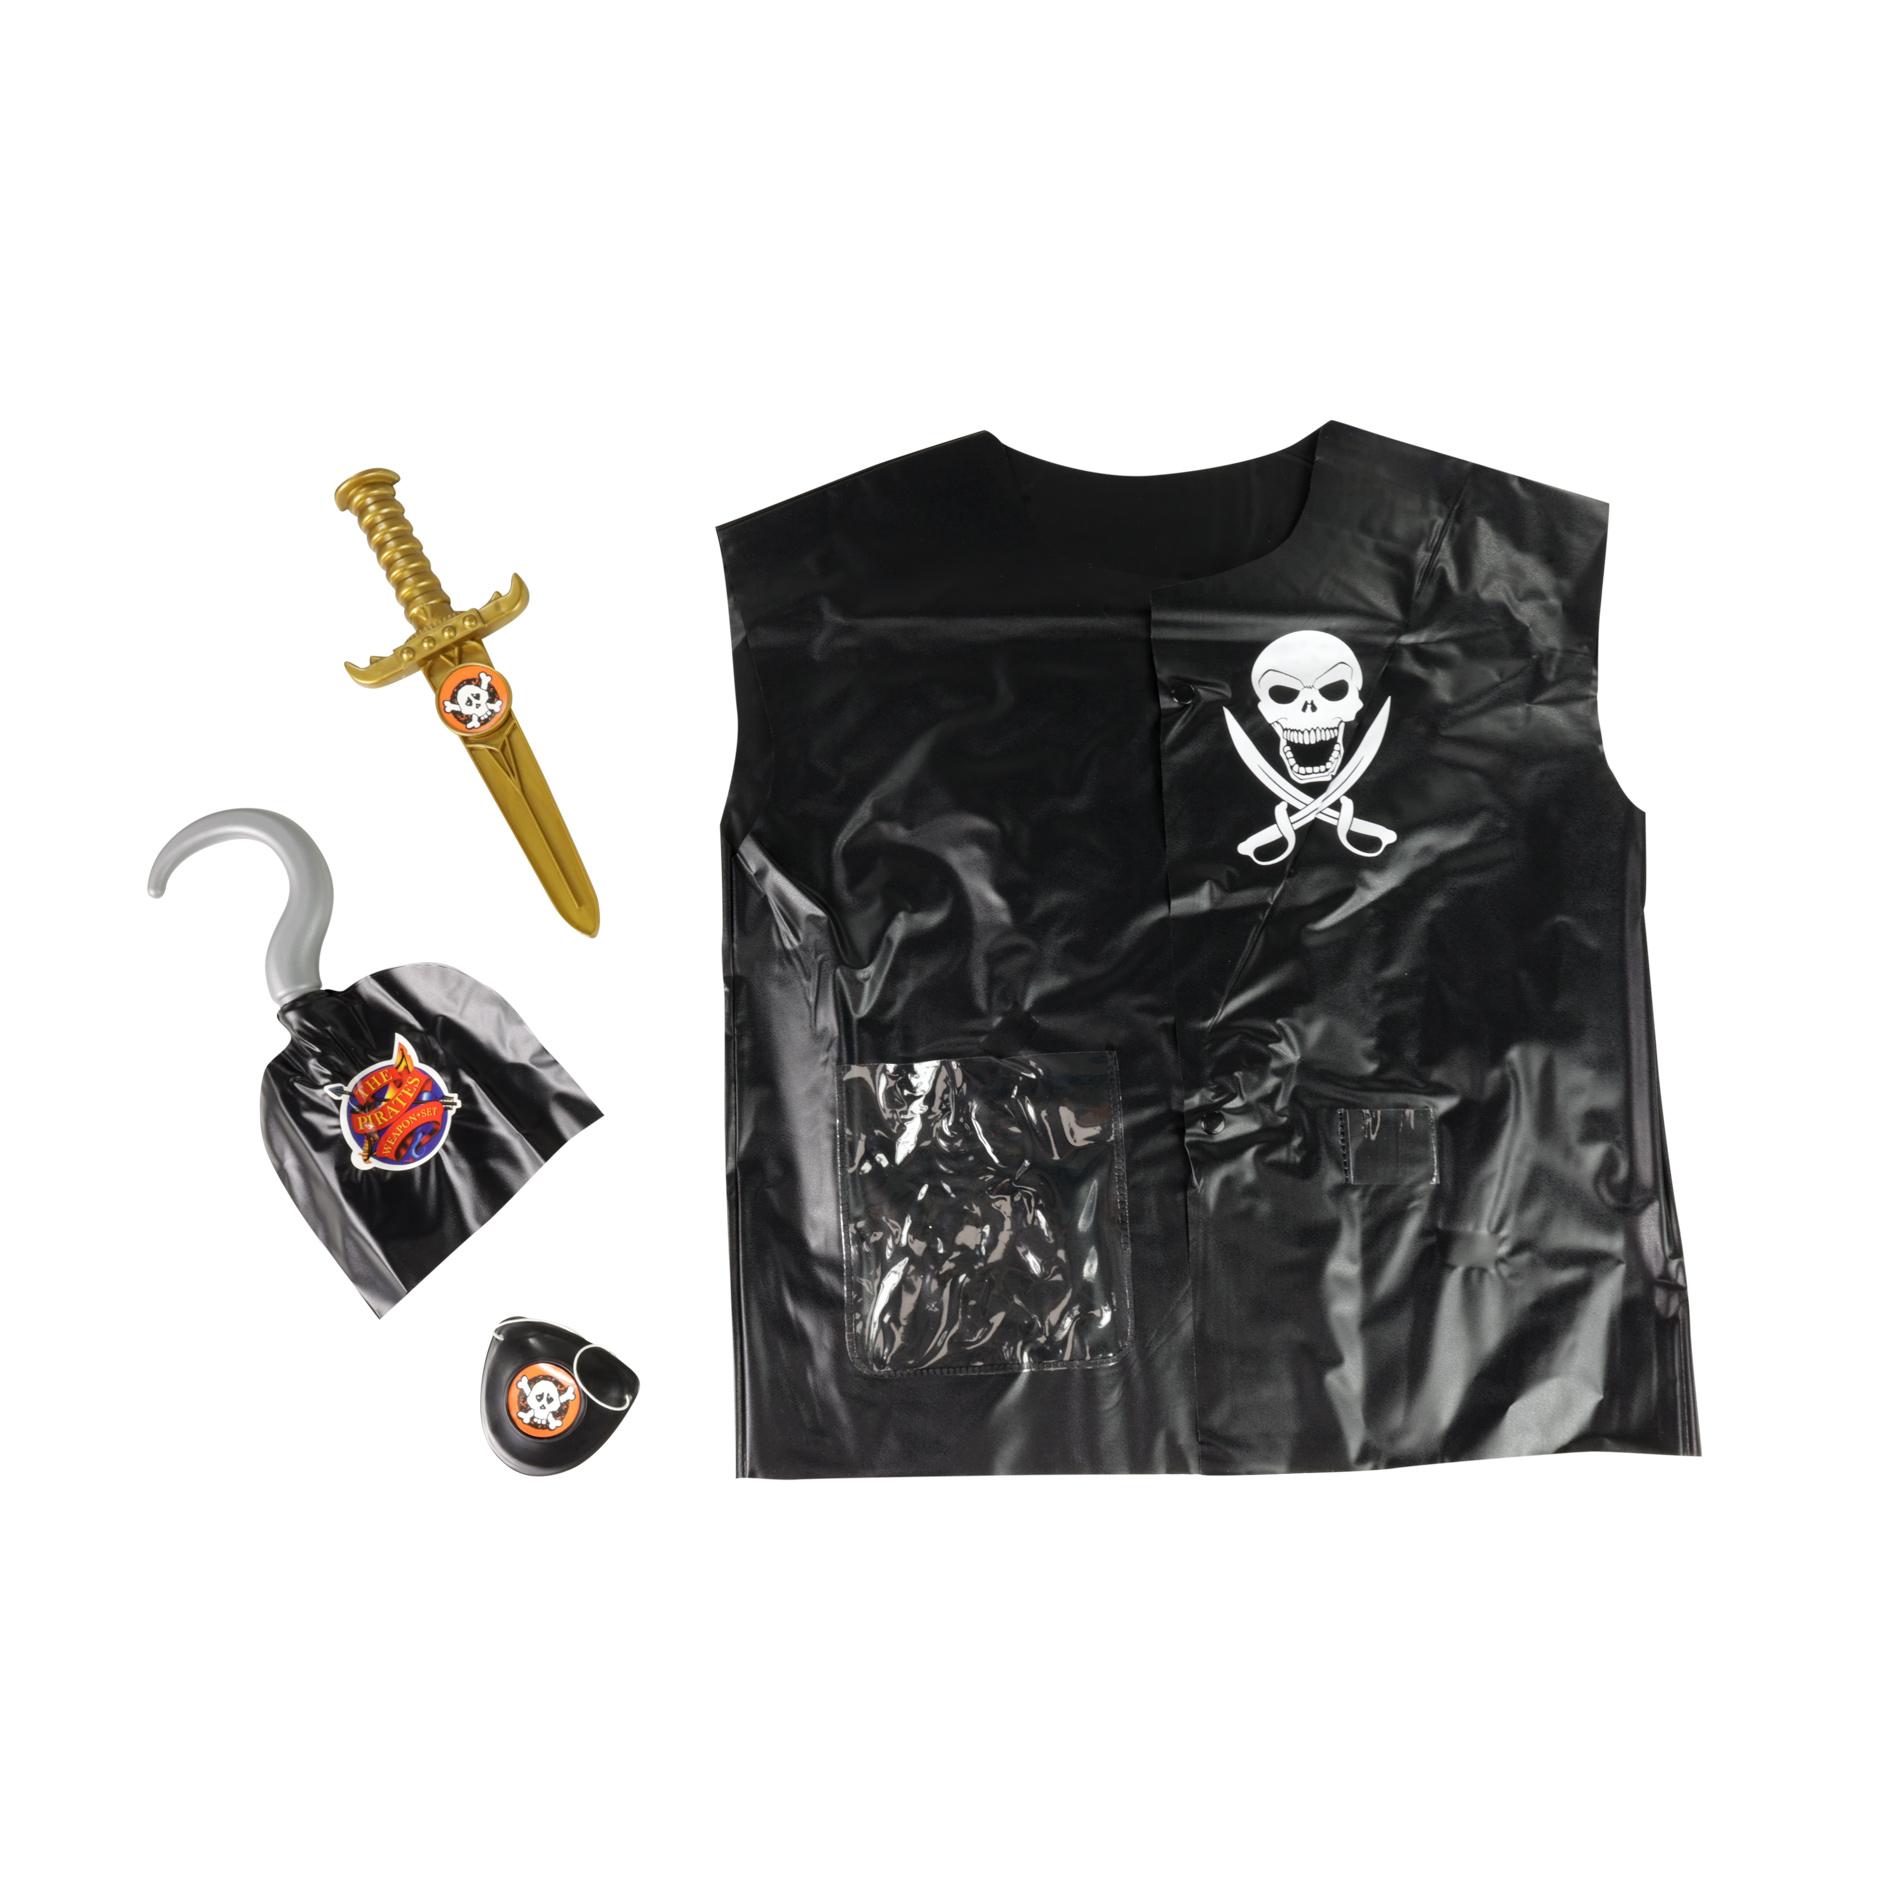 Dětská sada vesta pirátská s příslušentsvím